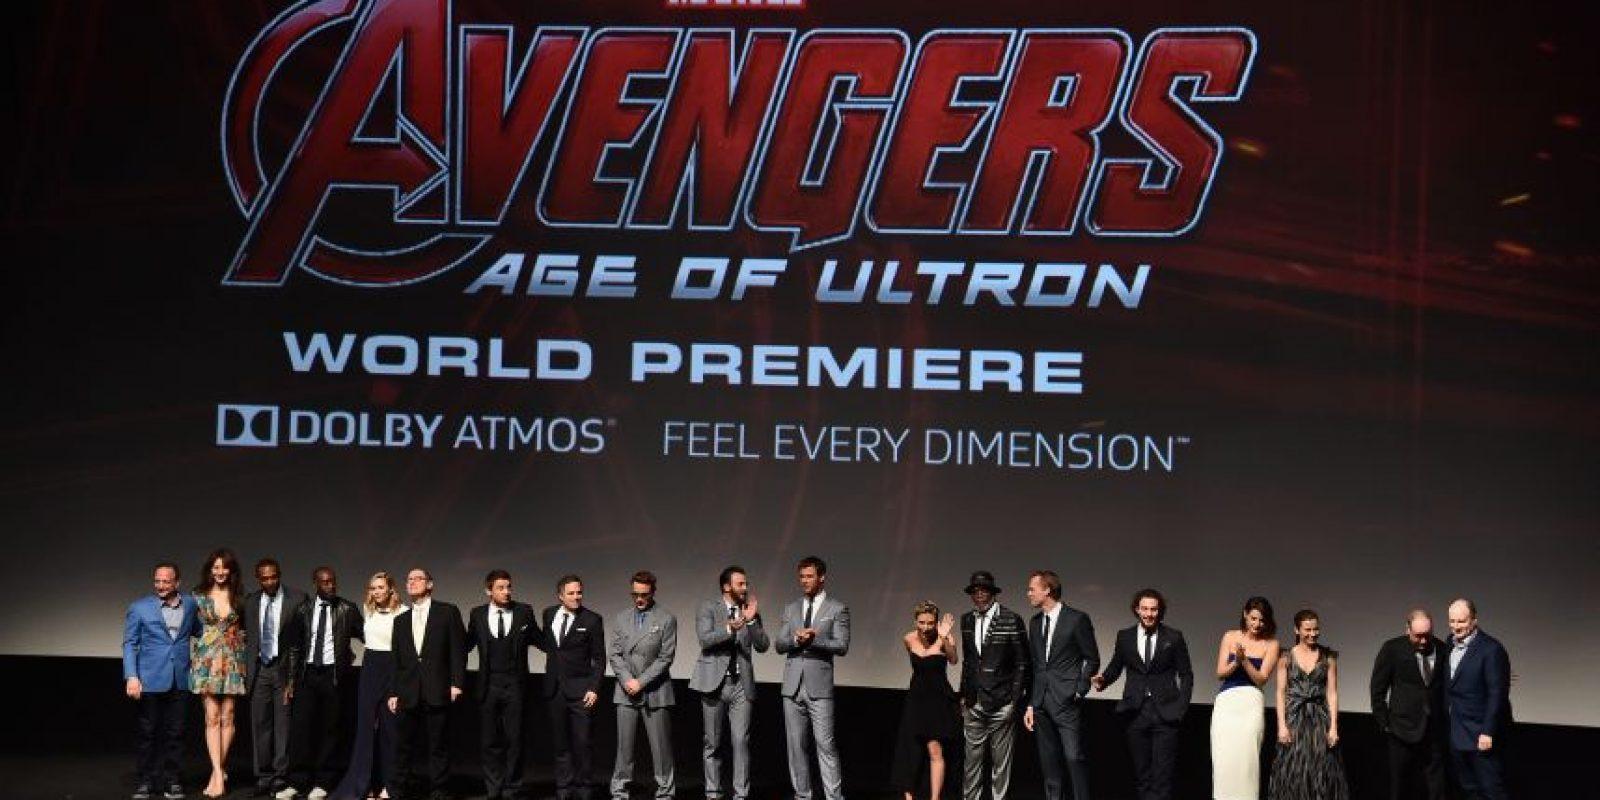 """El elenco de la película saluda al público en el estreno de """"The Avengers 2"""" en el teatro Dolby de Los Ángeles Foto:Cortesía"""